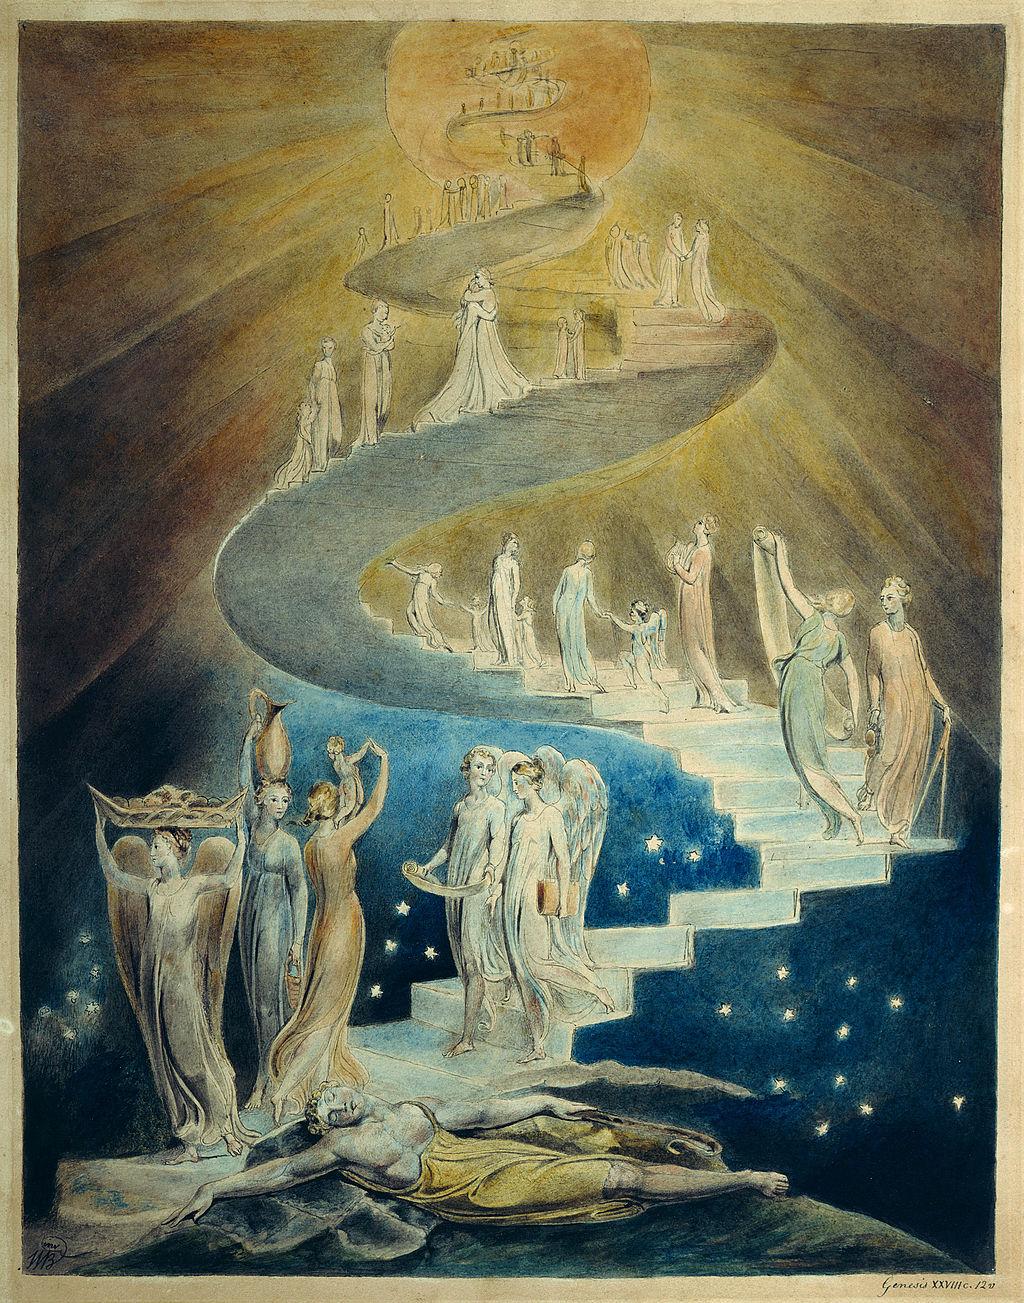 Jokubo sapnas. laiptai Viespatie Tau arciau. William Blake, 1805